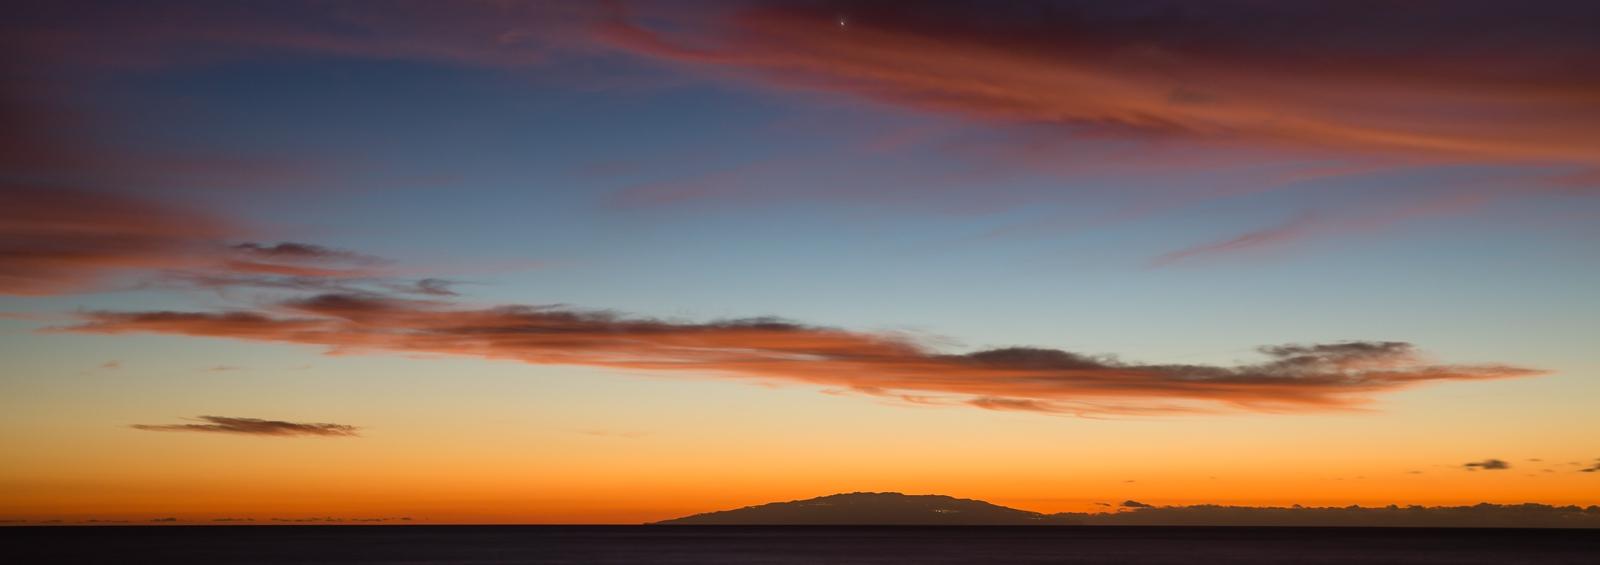 Puntilla Sunset on Xmas Day